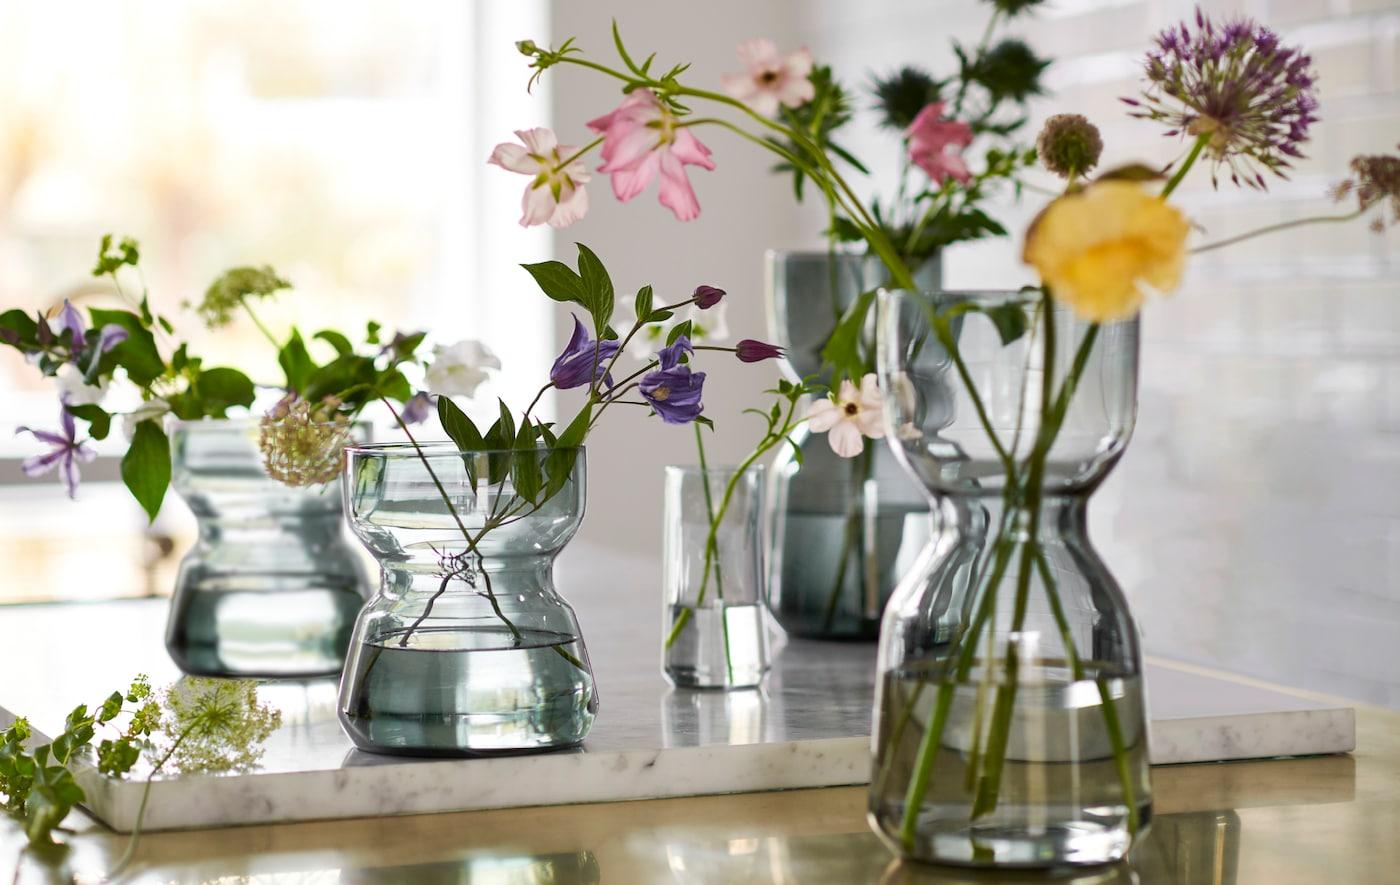 Vari vasi di vetro OMTÄNKSAM con la presa facilitata tipica della collezione, ognuno con dei fiori freschi - IKEA